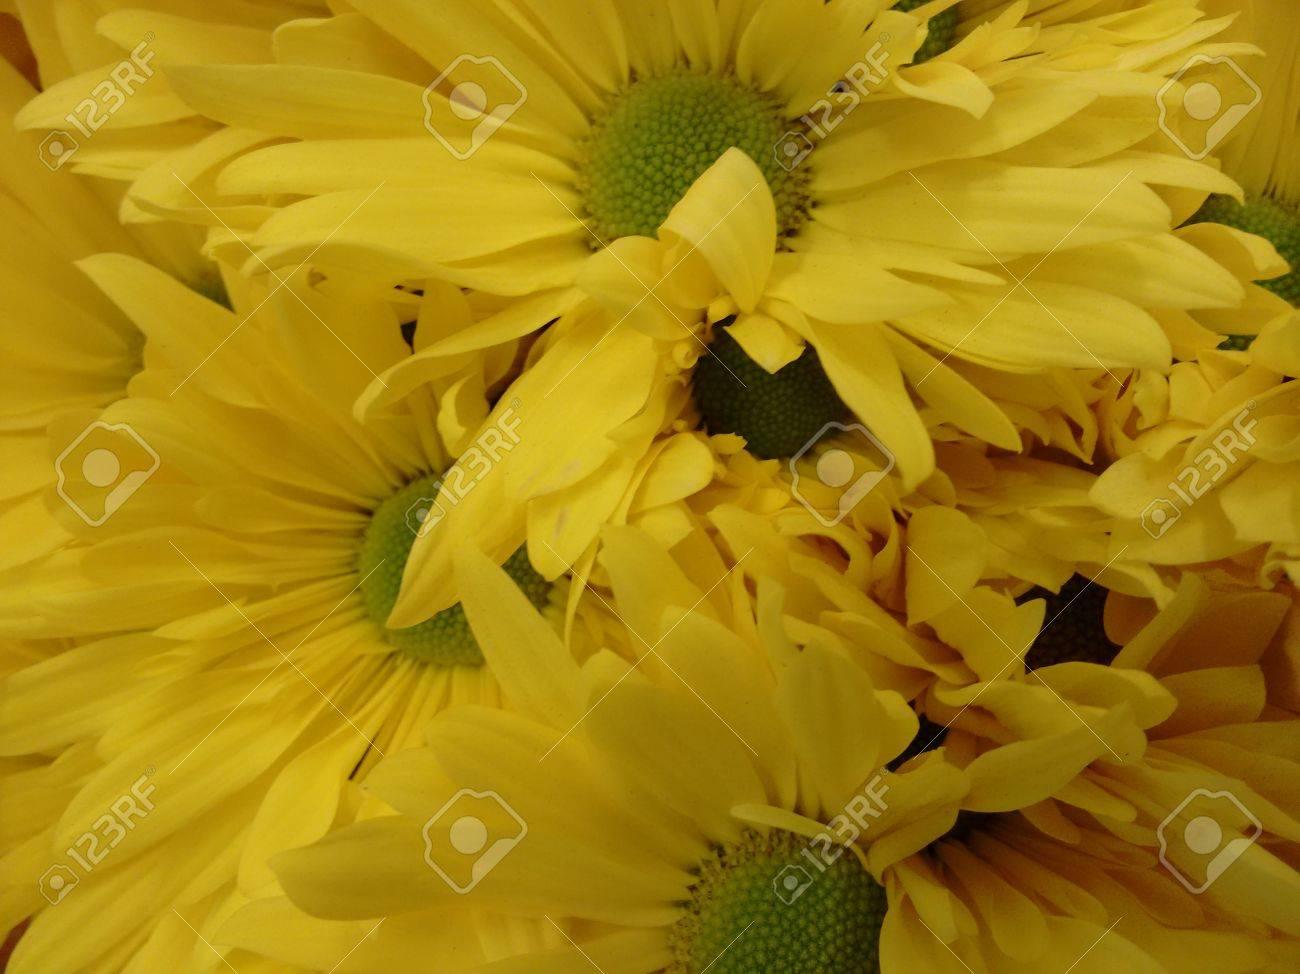 Fiori Gialli Varieta.Immagini Stock Fiore Di Chrysanths Giallo Il Crisantemo E